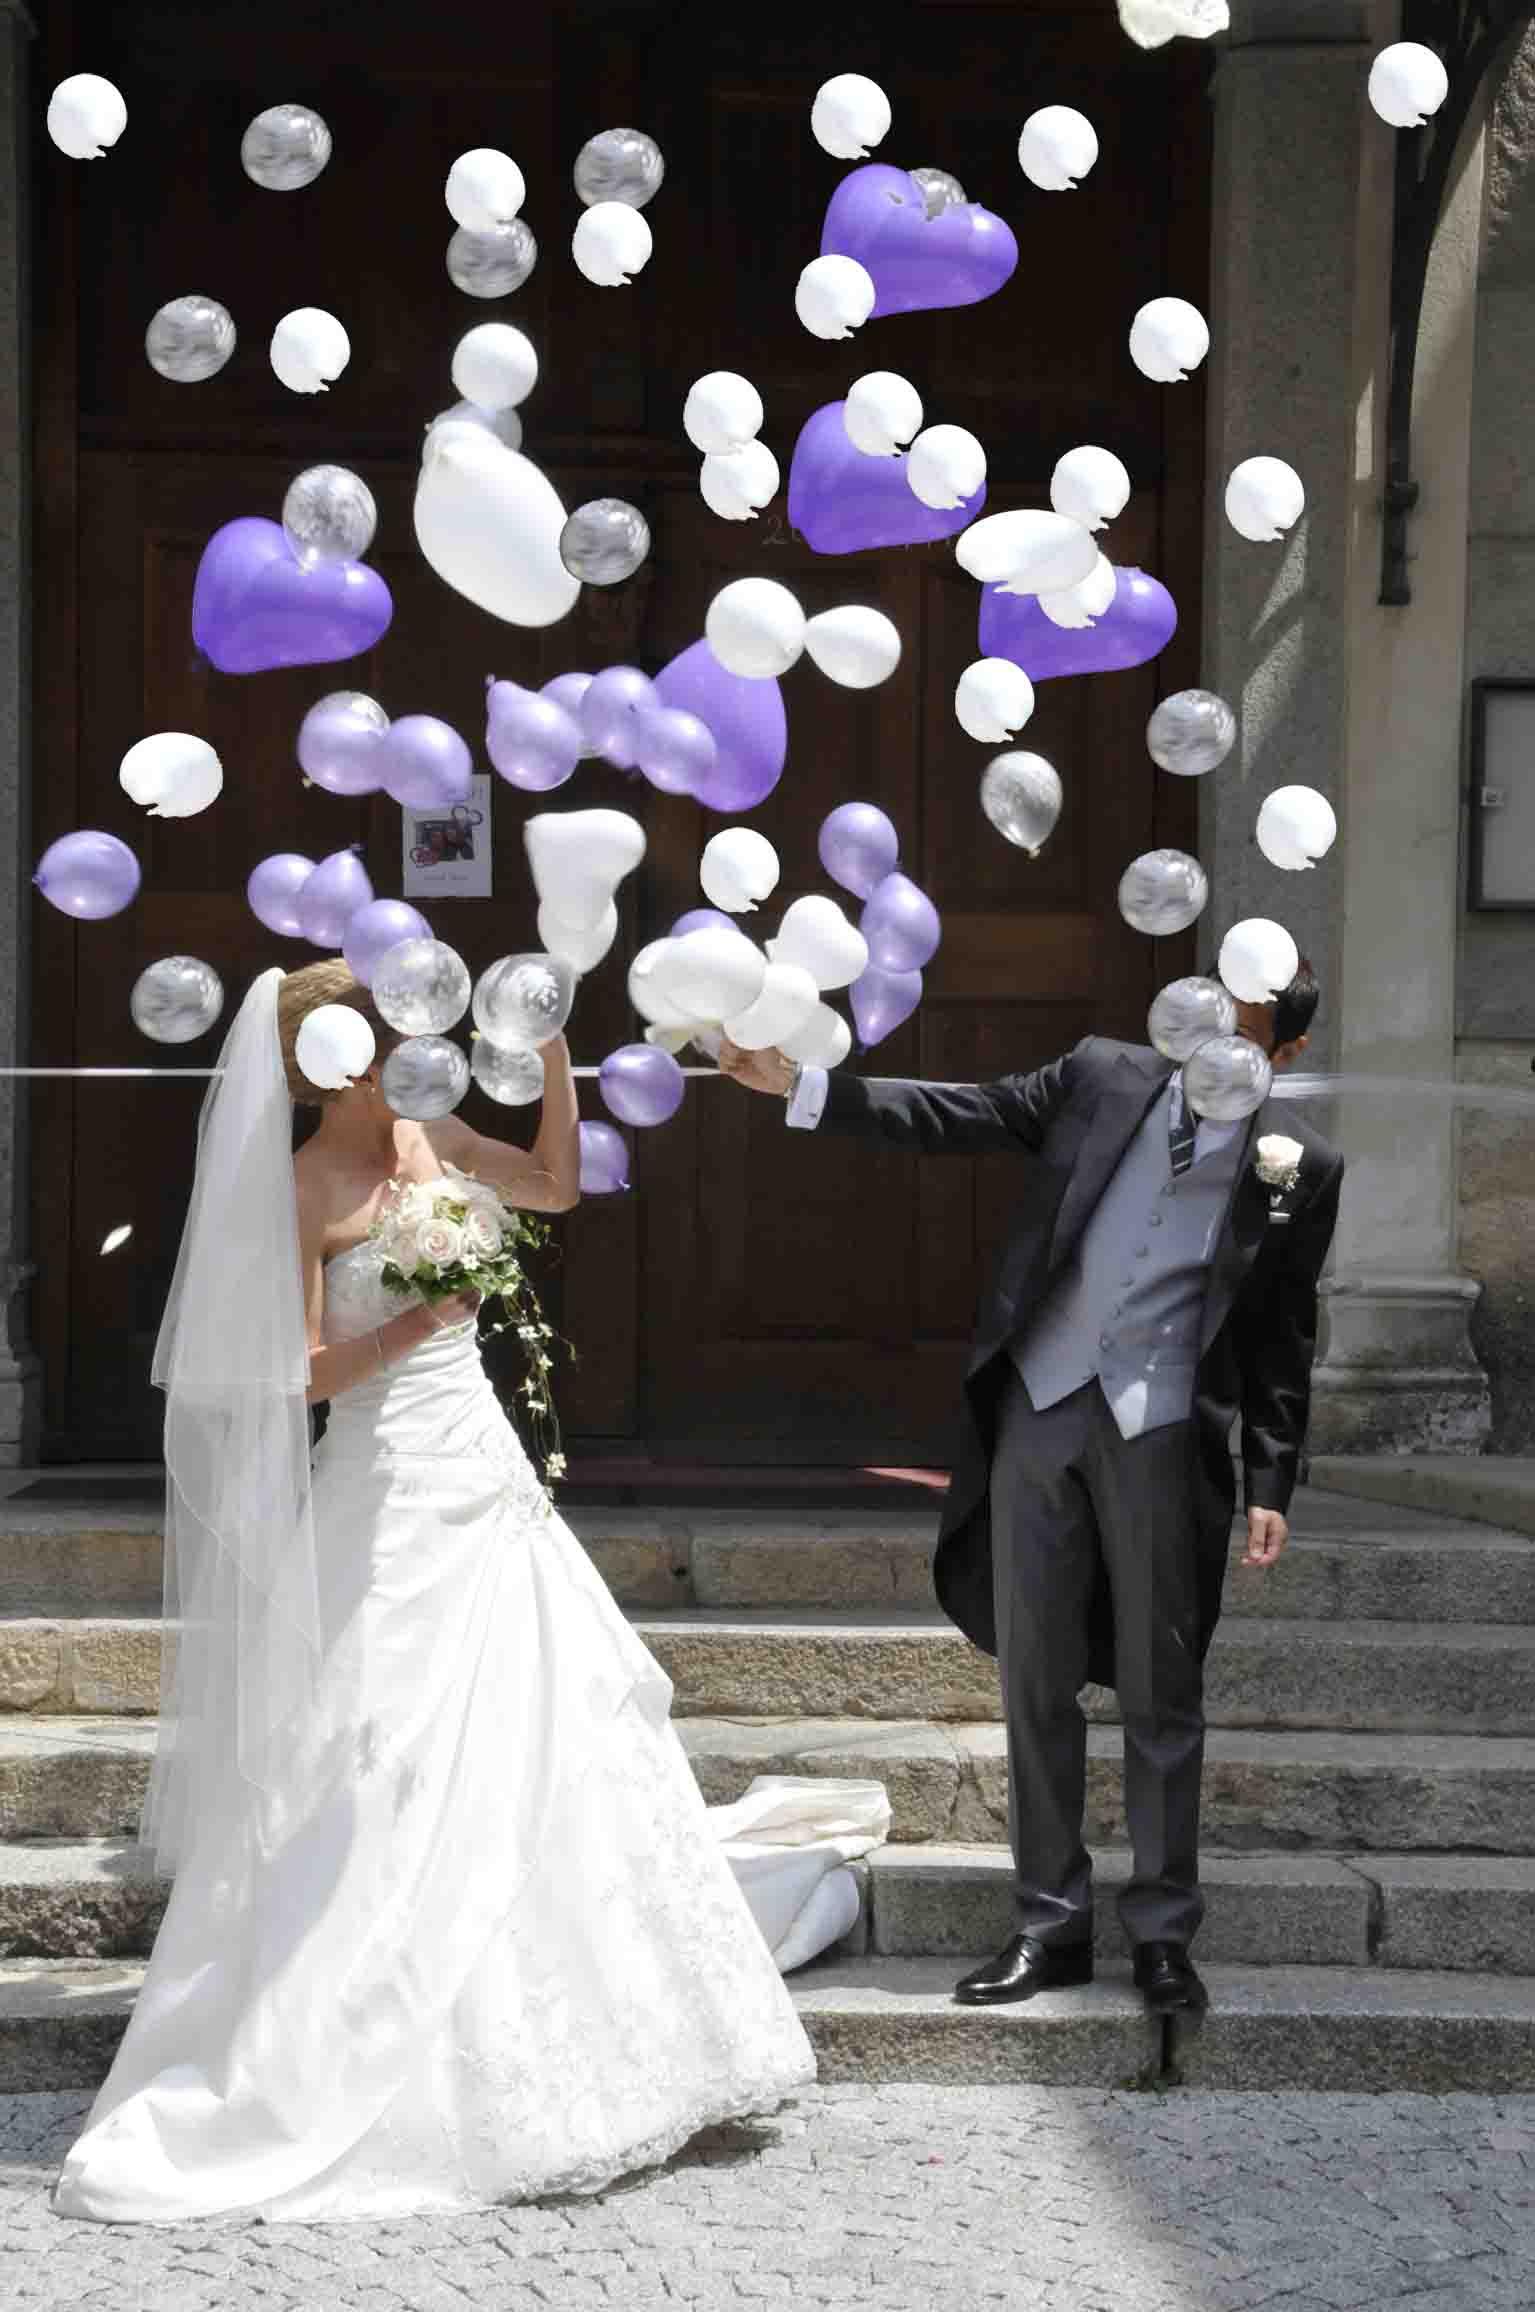 Allestimenti palloncini per matrimoni speciale sposi happy - Decorazioni matrimonio palloncini ...